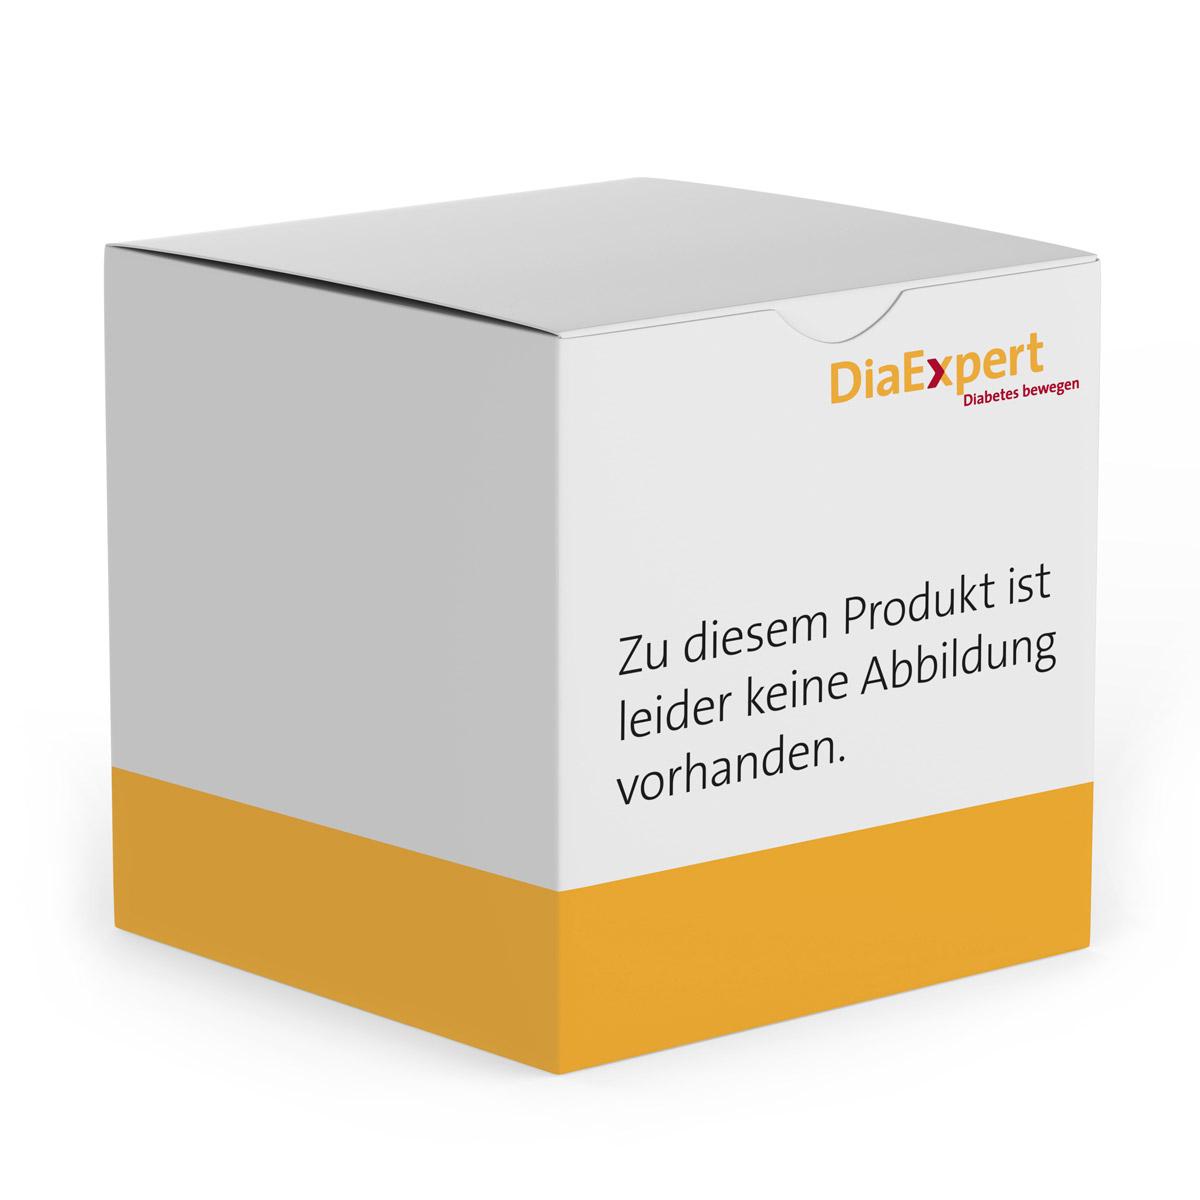 diaexpert diaexpert fachgesch ft dortmund. Black Bedroom Furniture Sets. Home Design Ideas